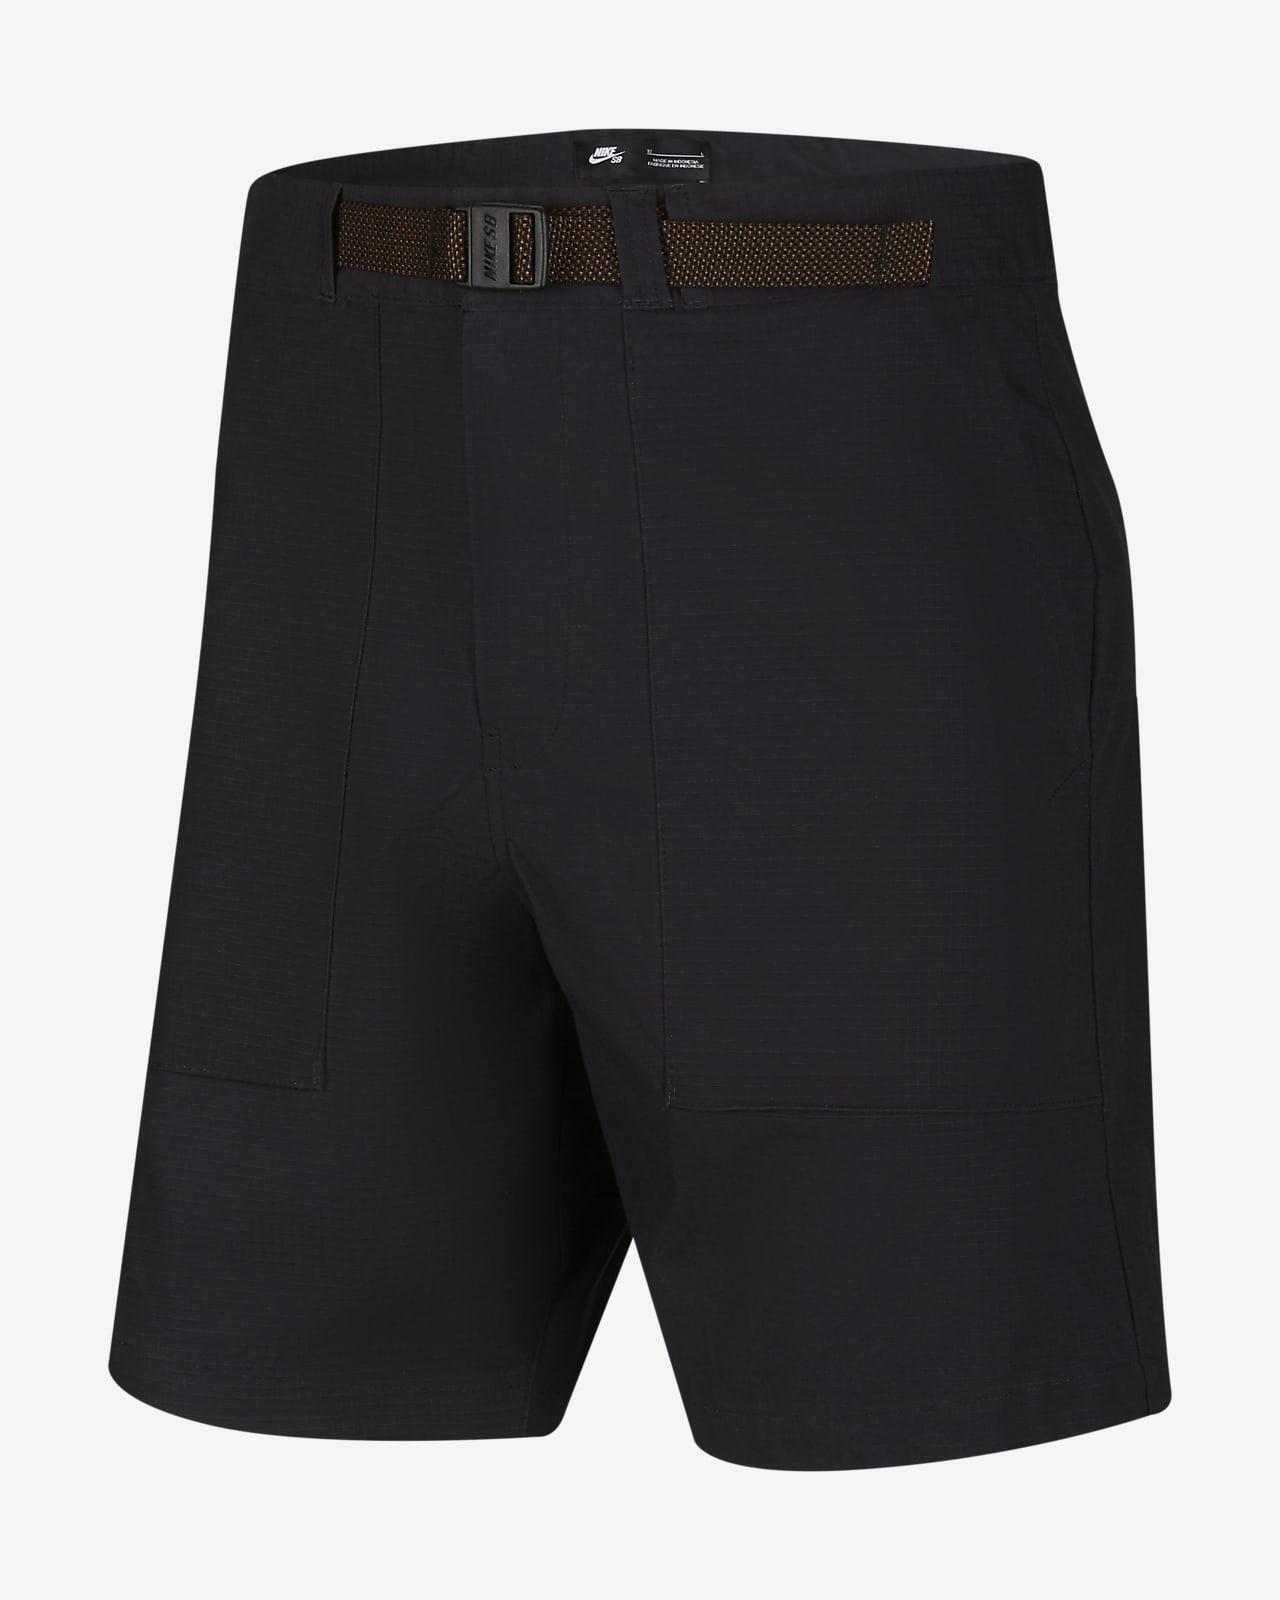 กางเกงสเก็ตบอร์ดขาสั้นผู้ชาย Nike SB Everett